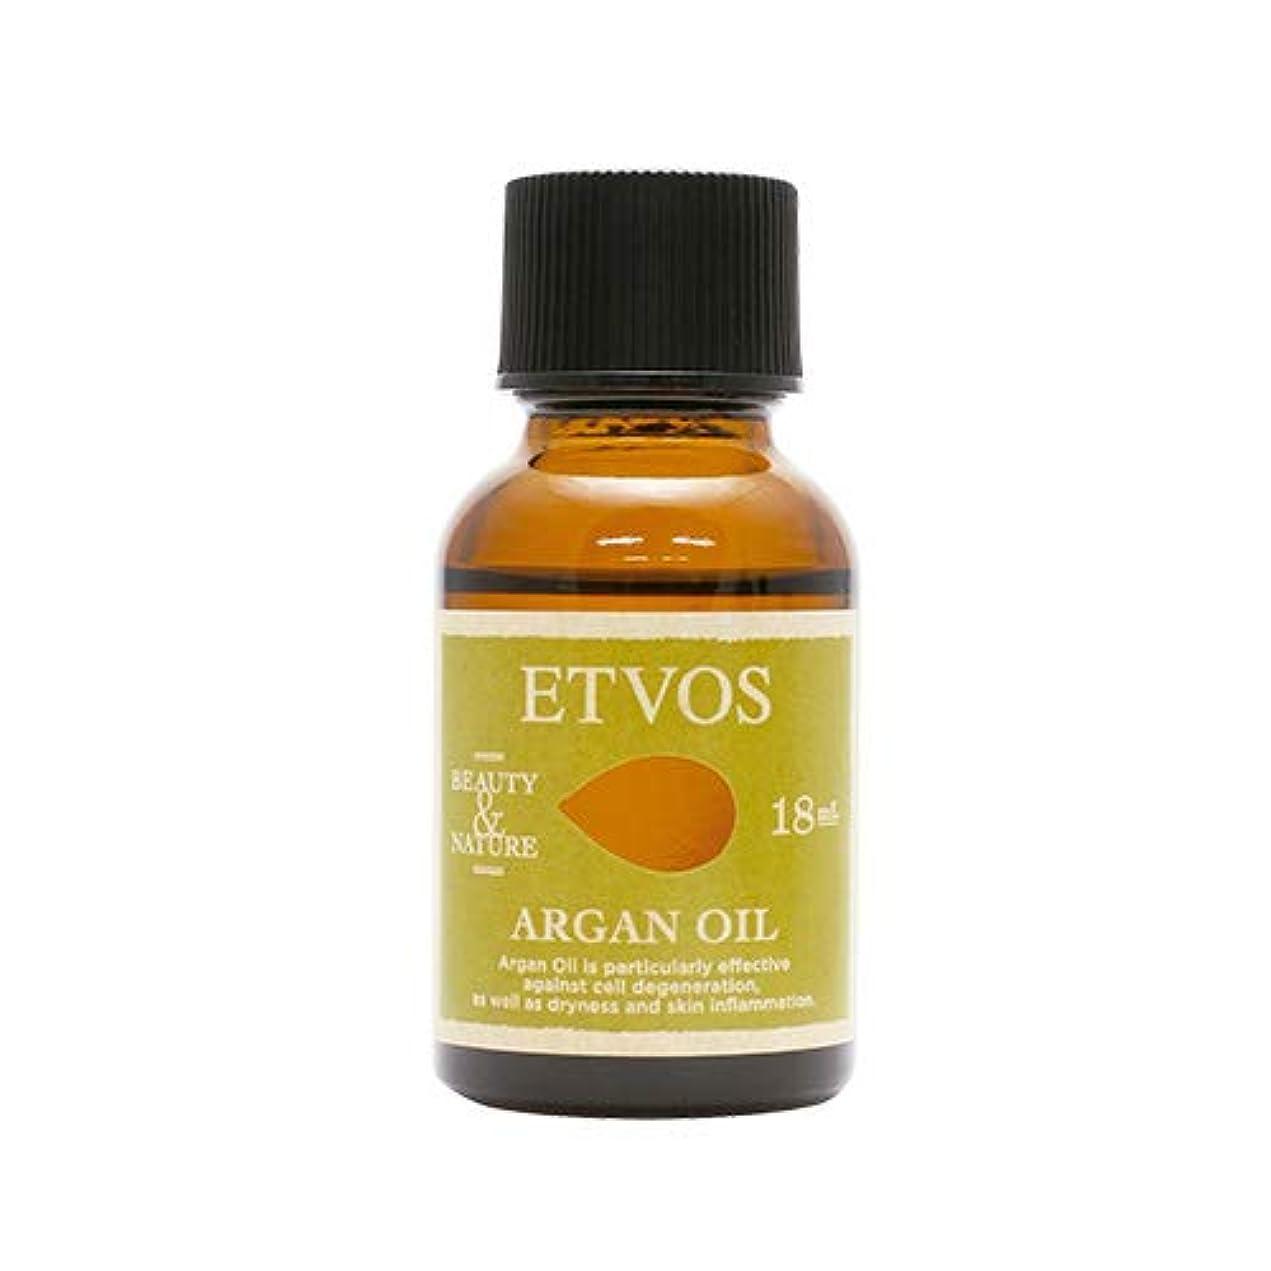 かすかなバタービルダーETVOS(エトヴォス) アルガンオイル 18ml エイジングケア ビタミンE 保湿 アルガンオイル100%